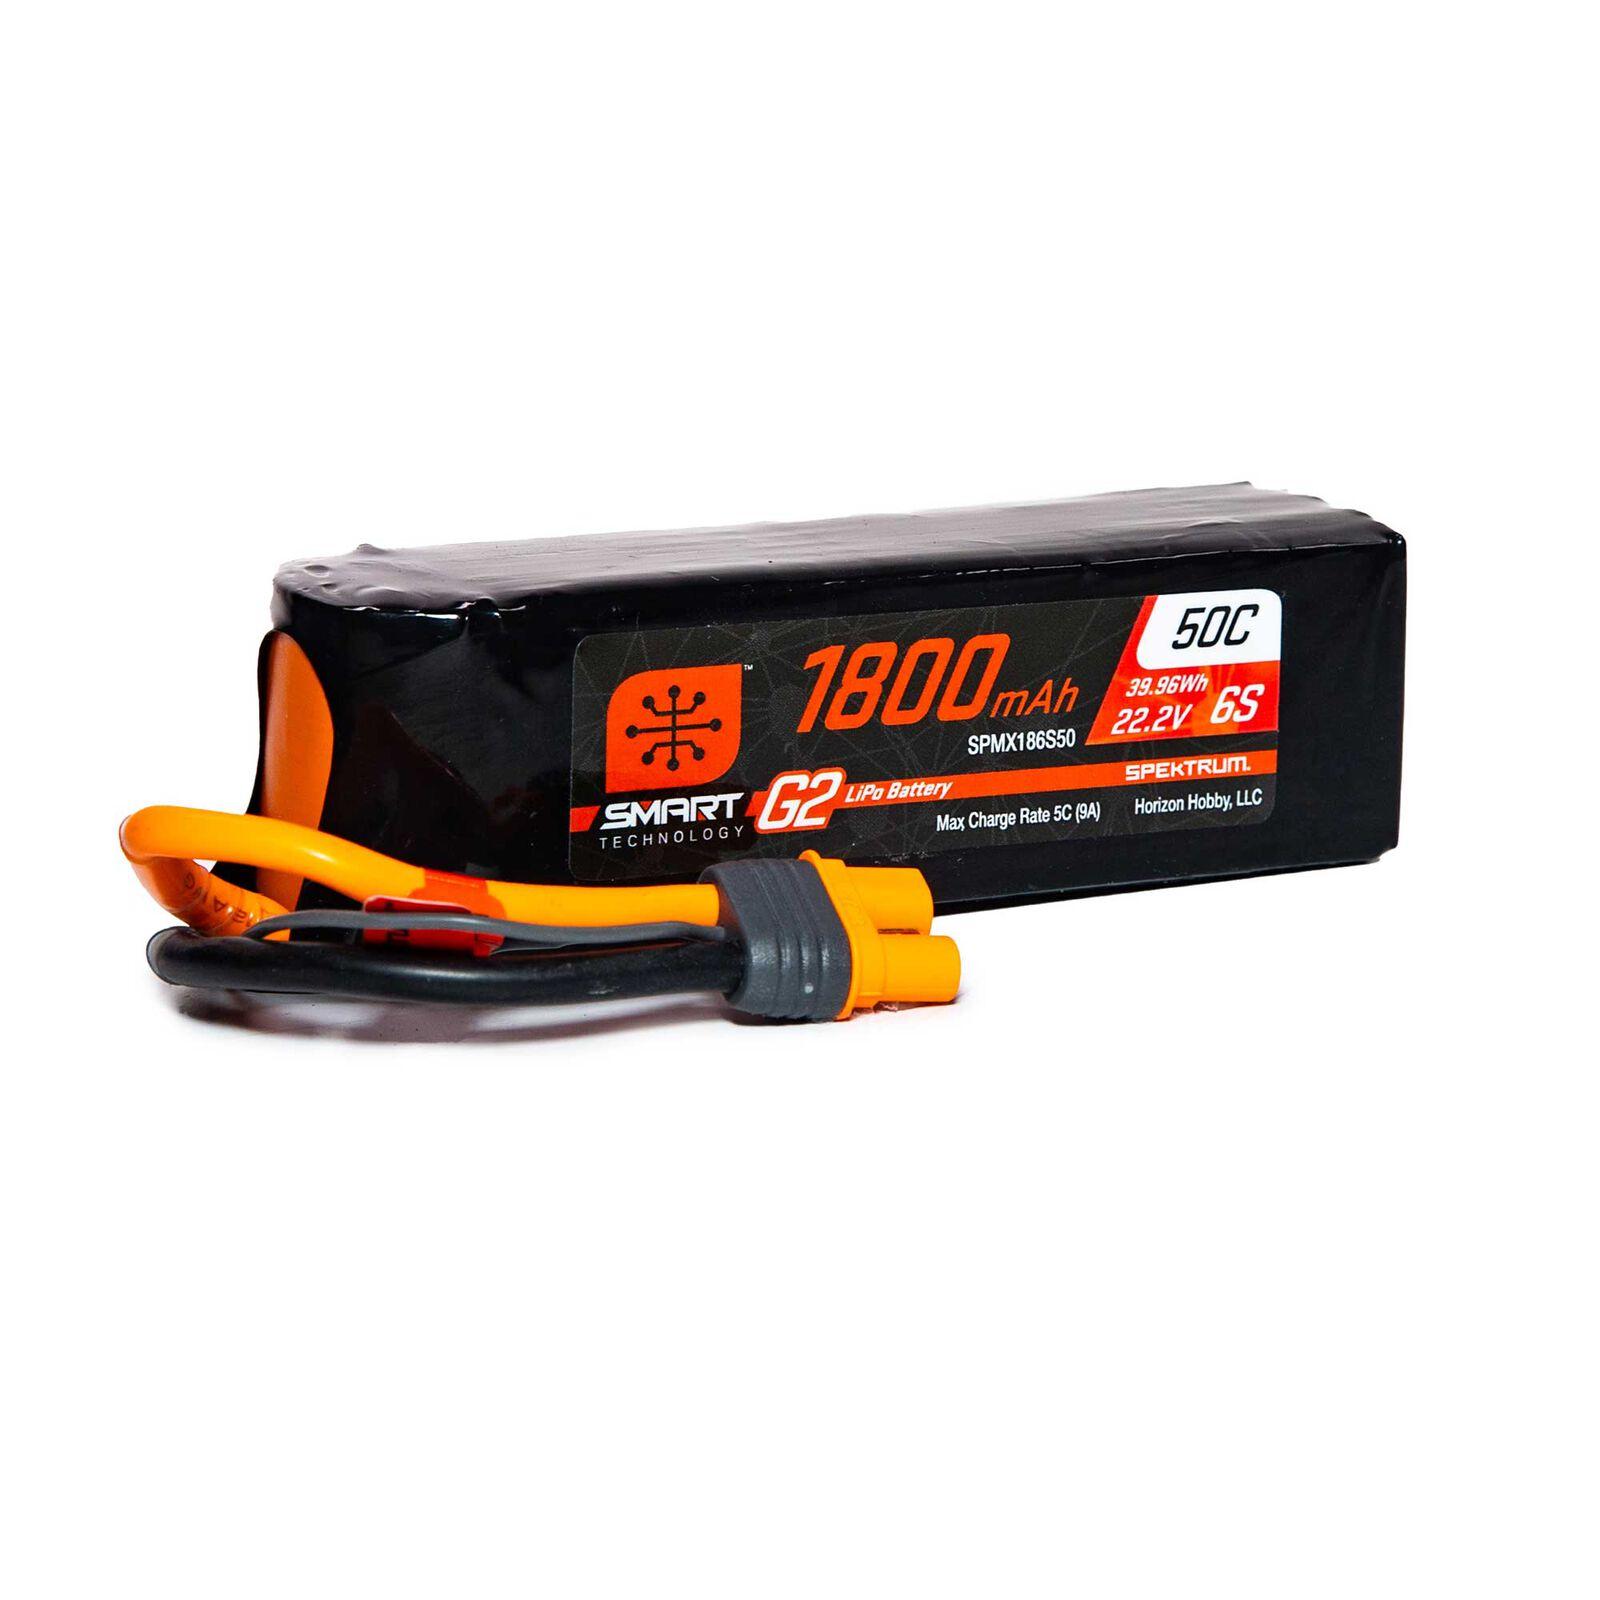 22.2V 1800mAh 6S 50C Smart LiPo G2: IC3